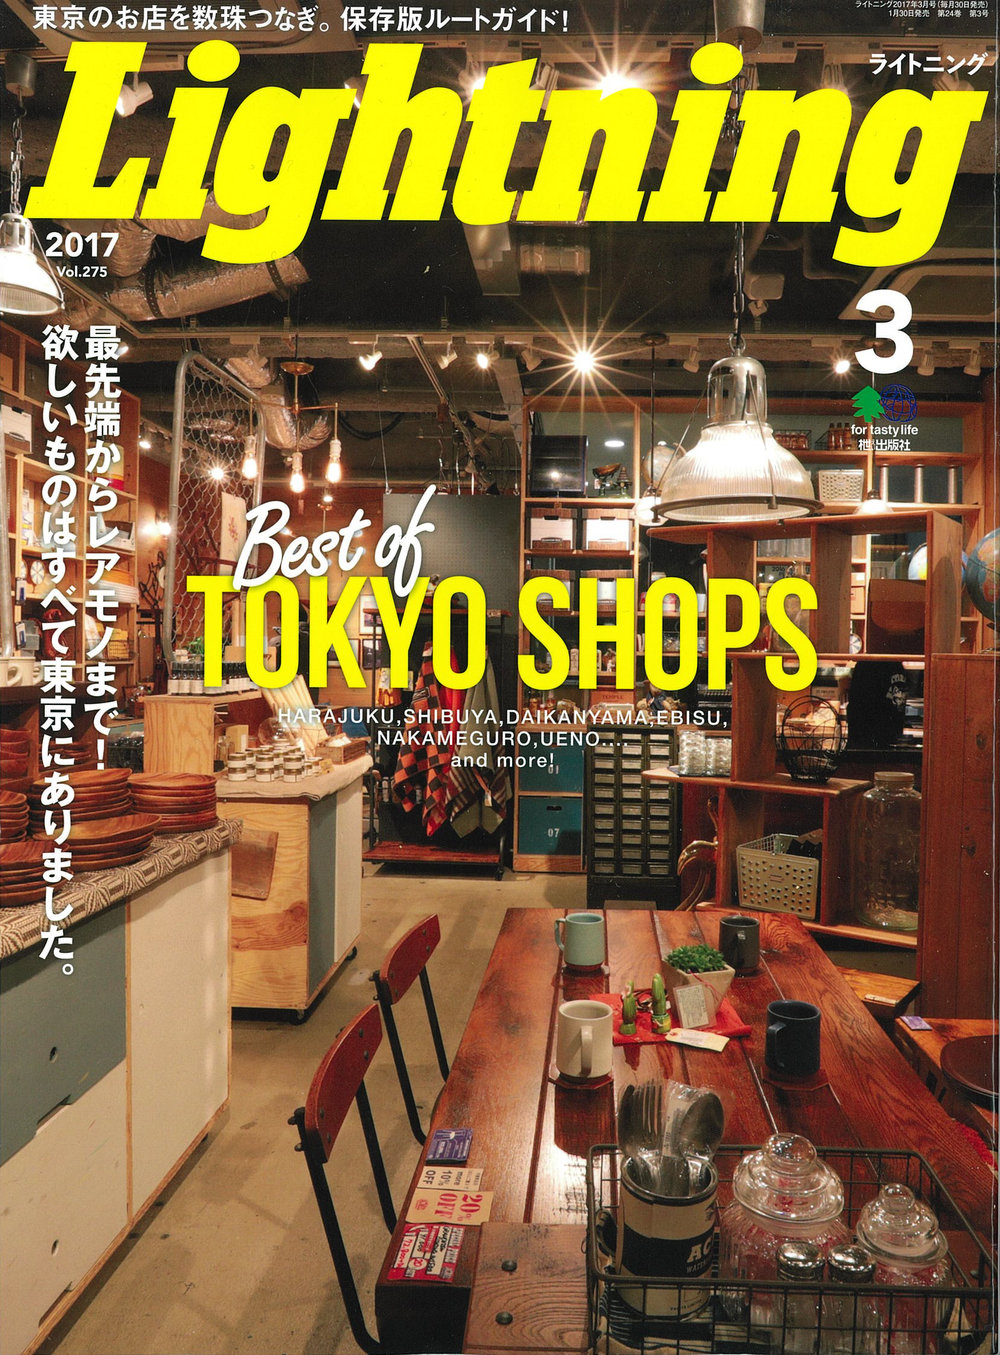 201703 Lightning COVER.jpg